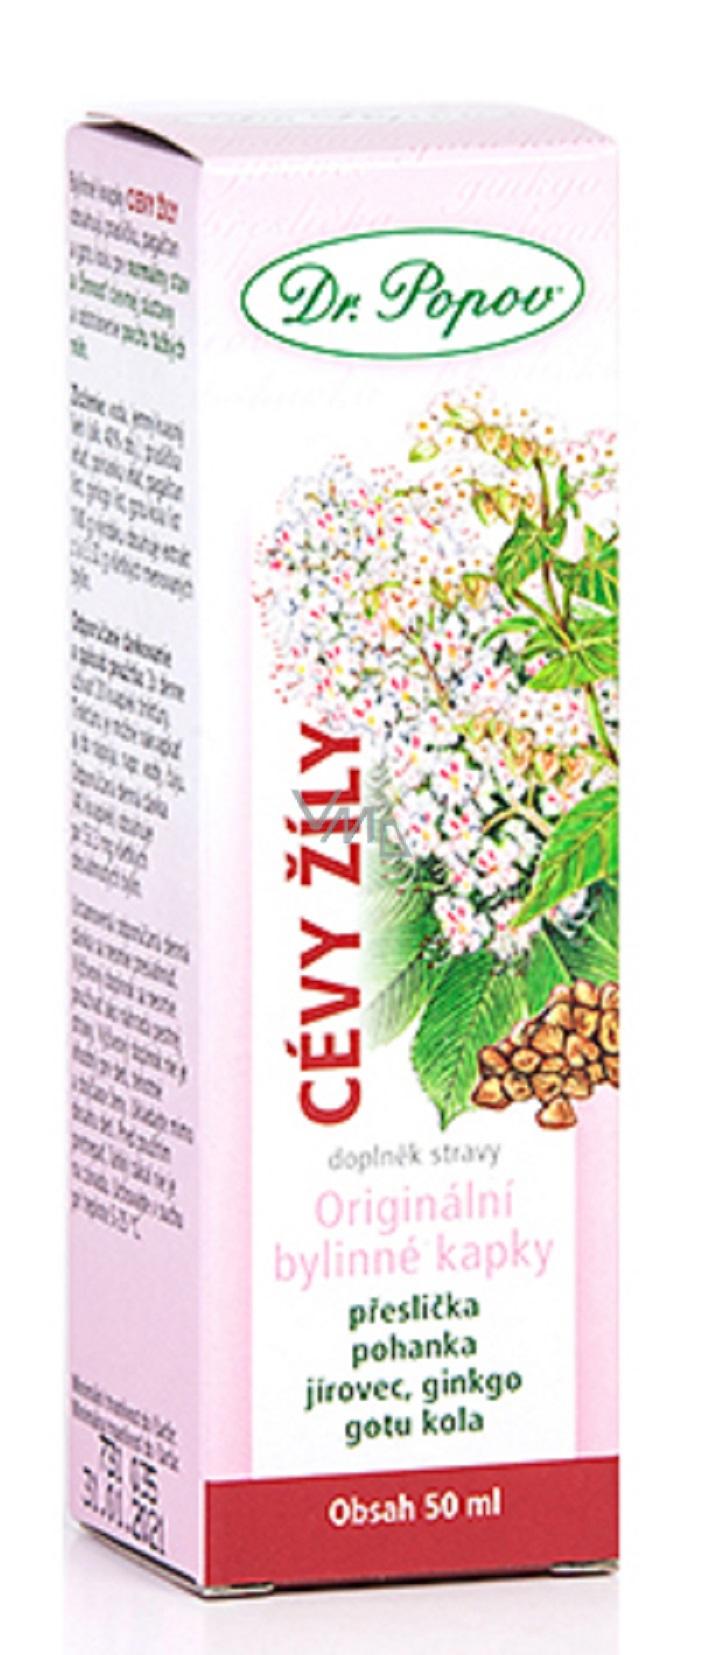 Dr.Popov herbal drops Vein veins 50ml 5442